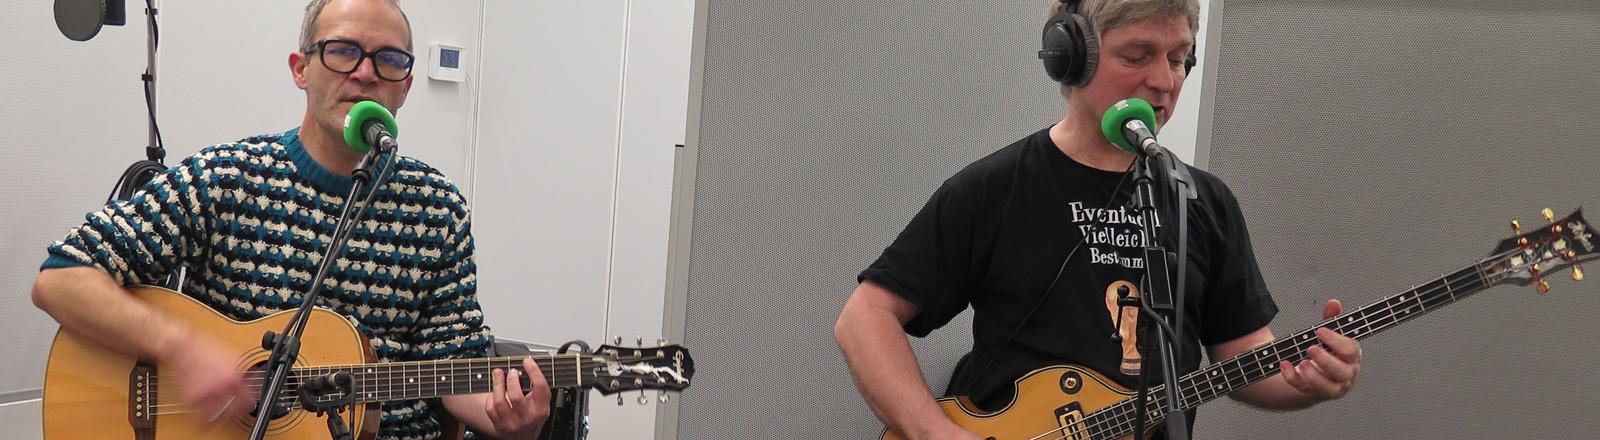 Markus Berges und Ekki Maas stehen im Studio bei DRadio Wissen. Markus an der Gitarre, Ekki am Bass.